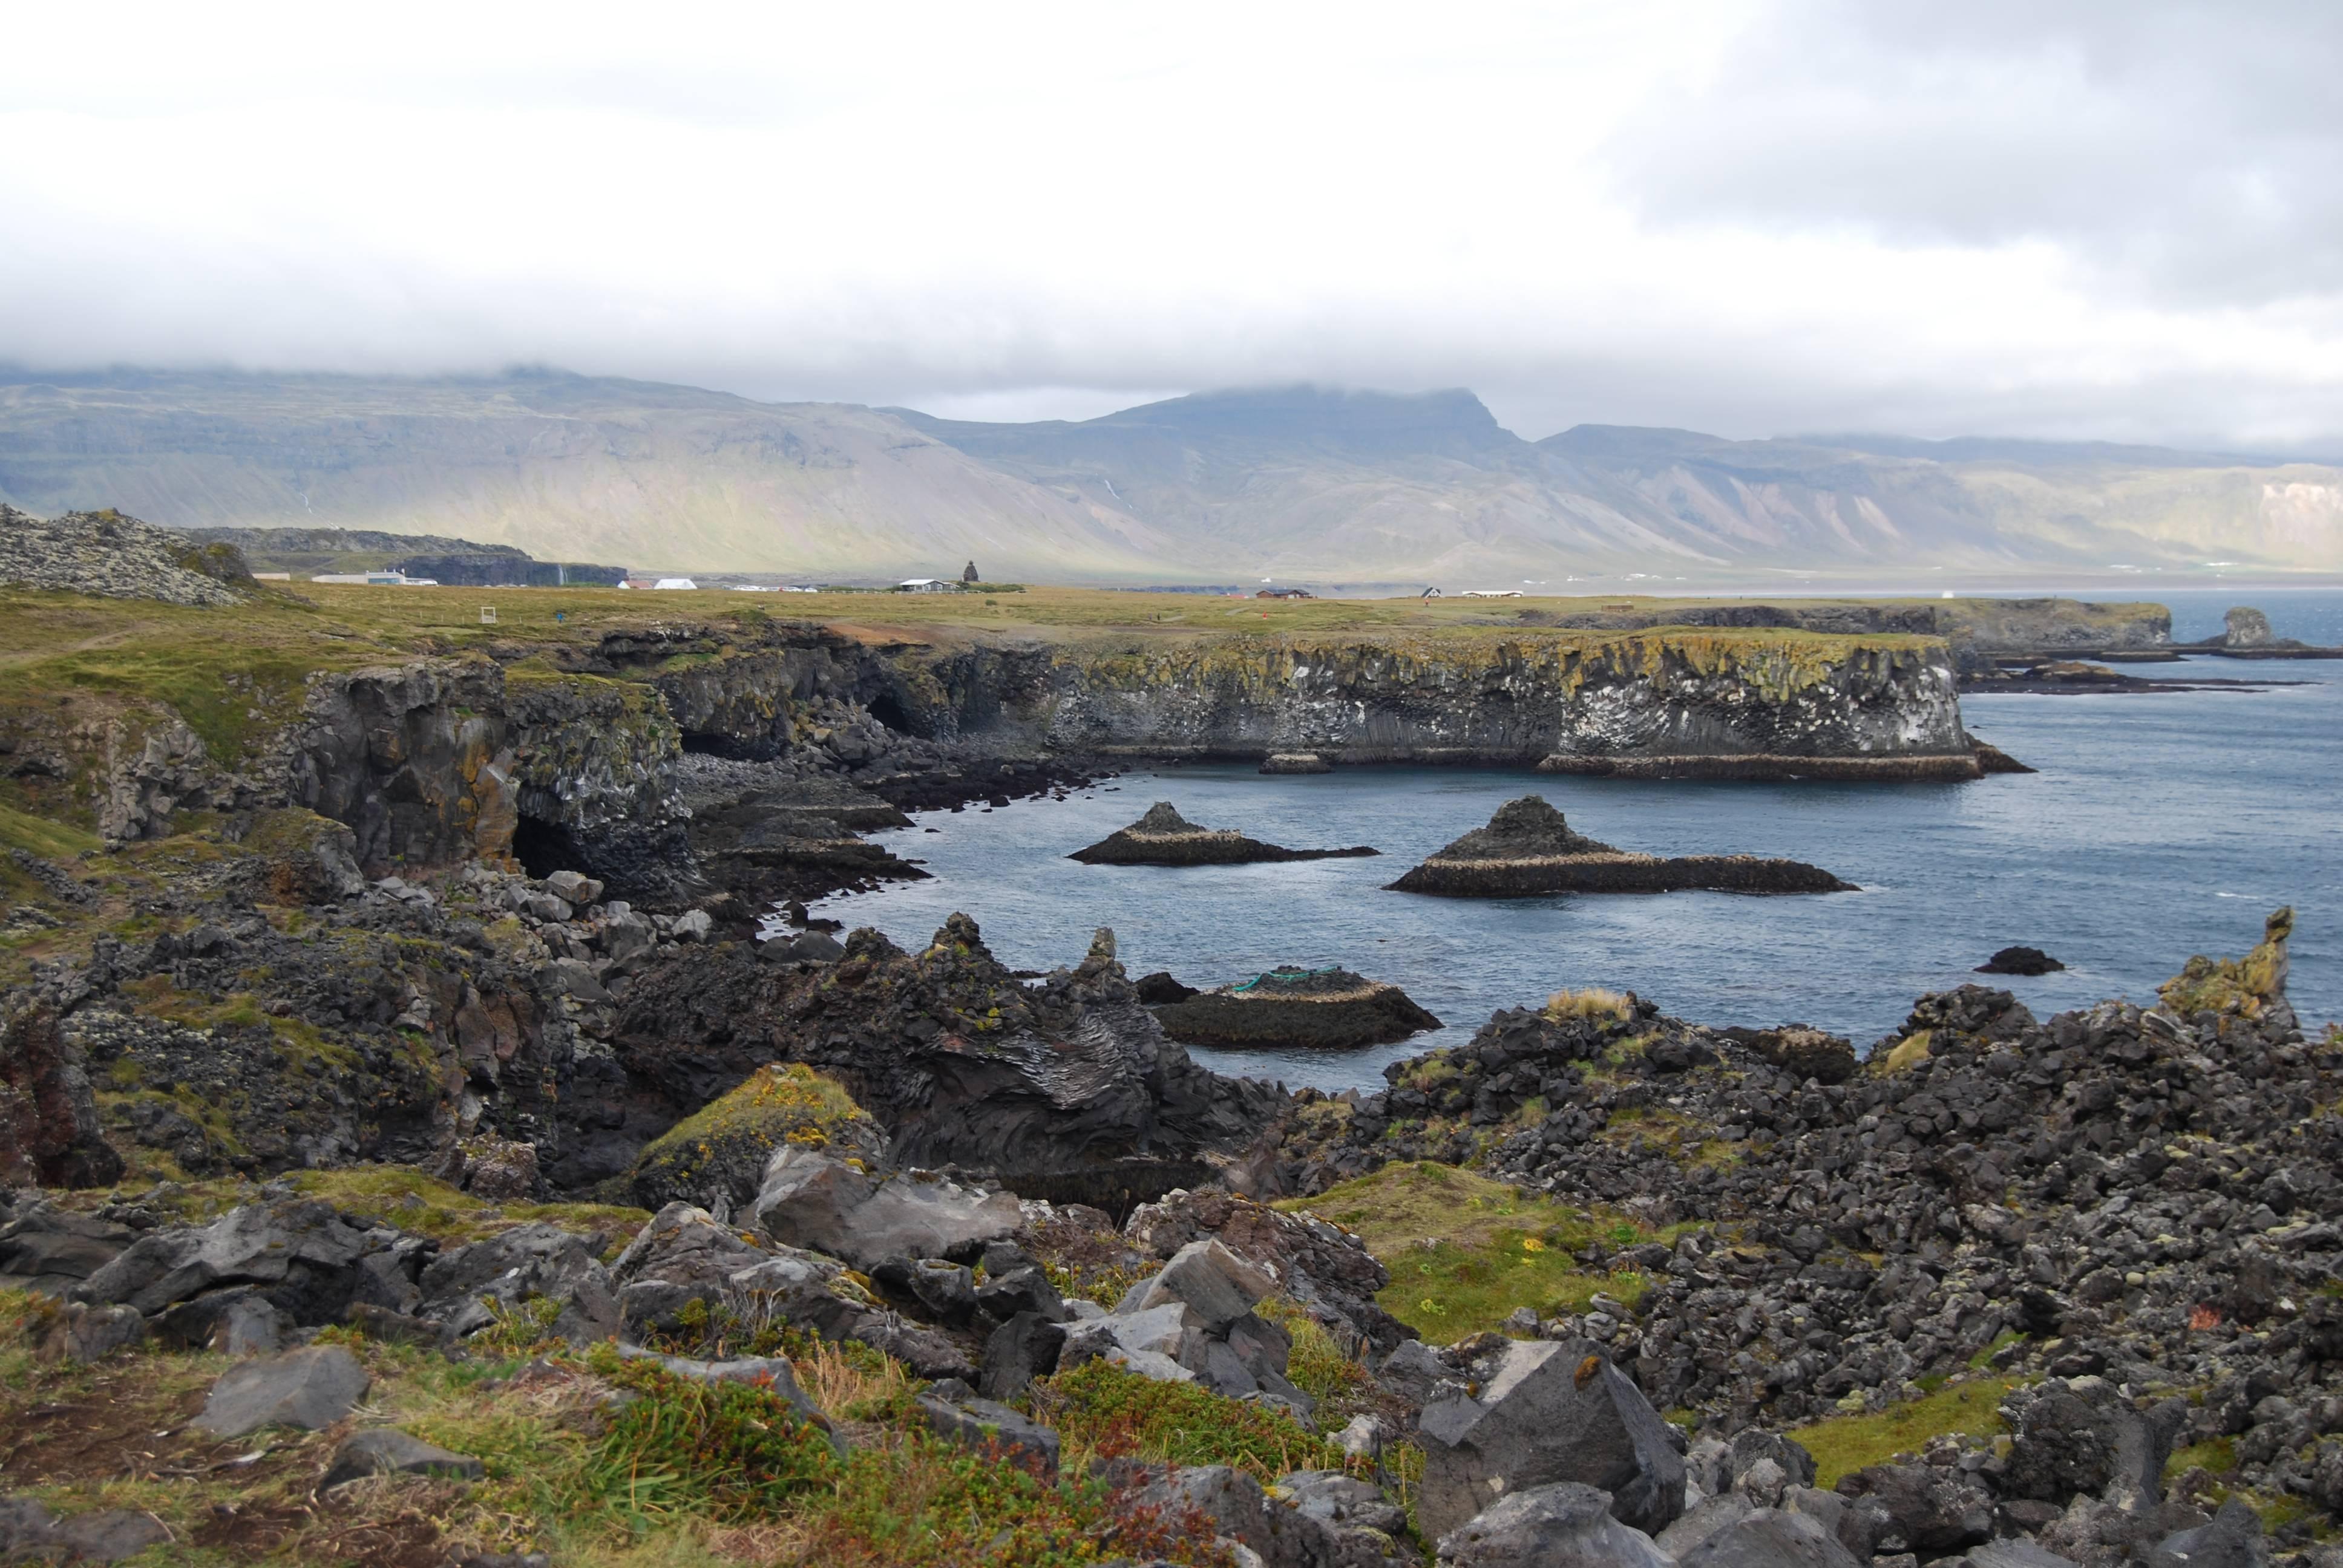 Photo 1: Svalpufa-pufubjarg, (Etretat Islandais)